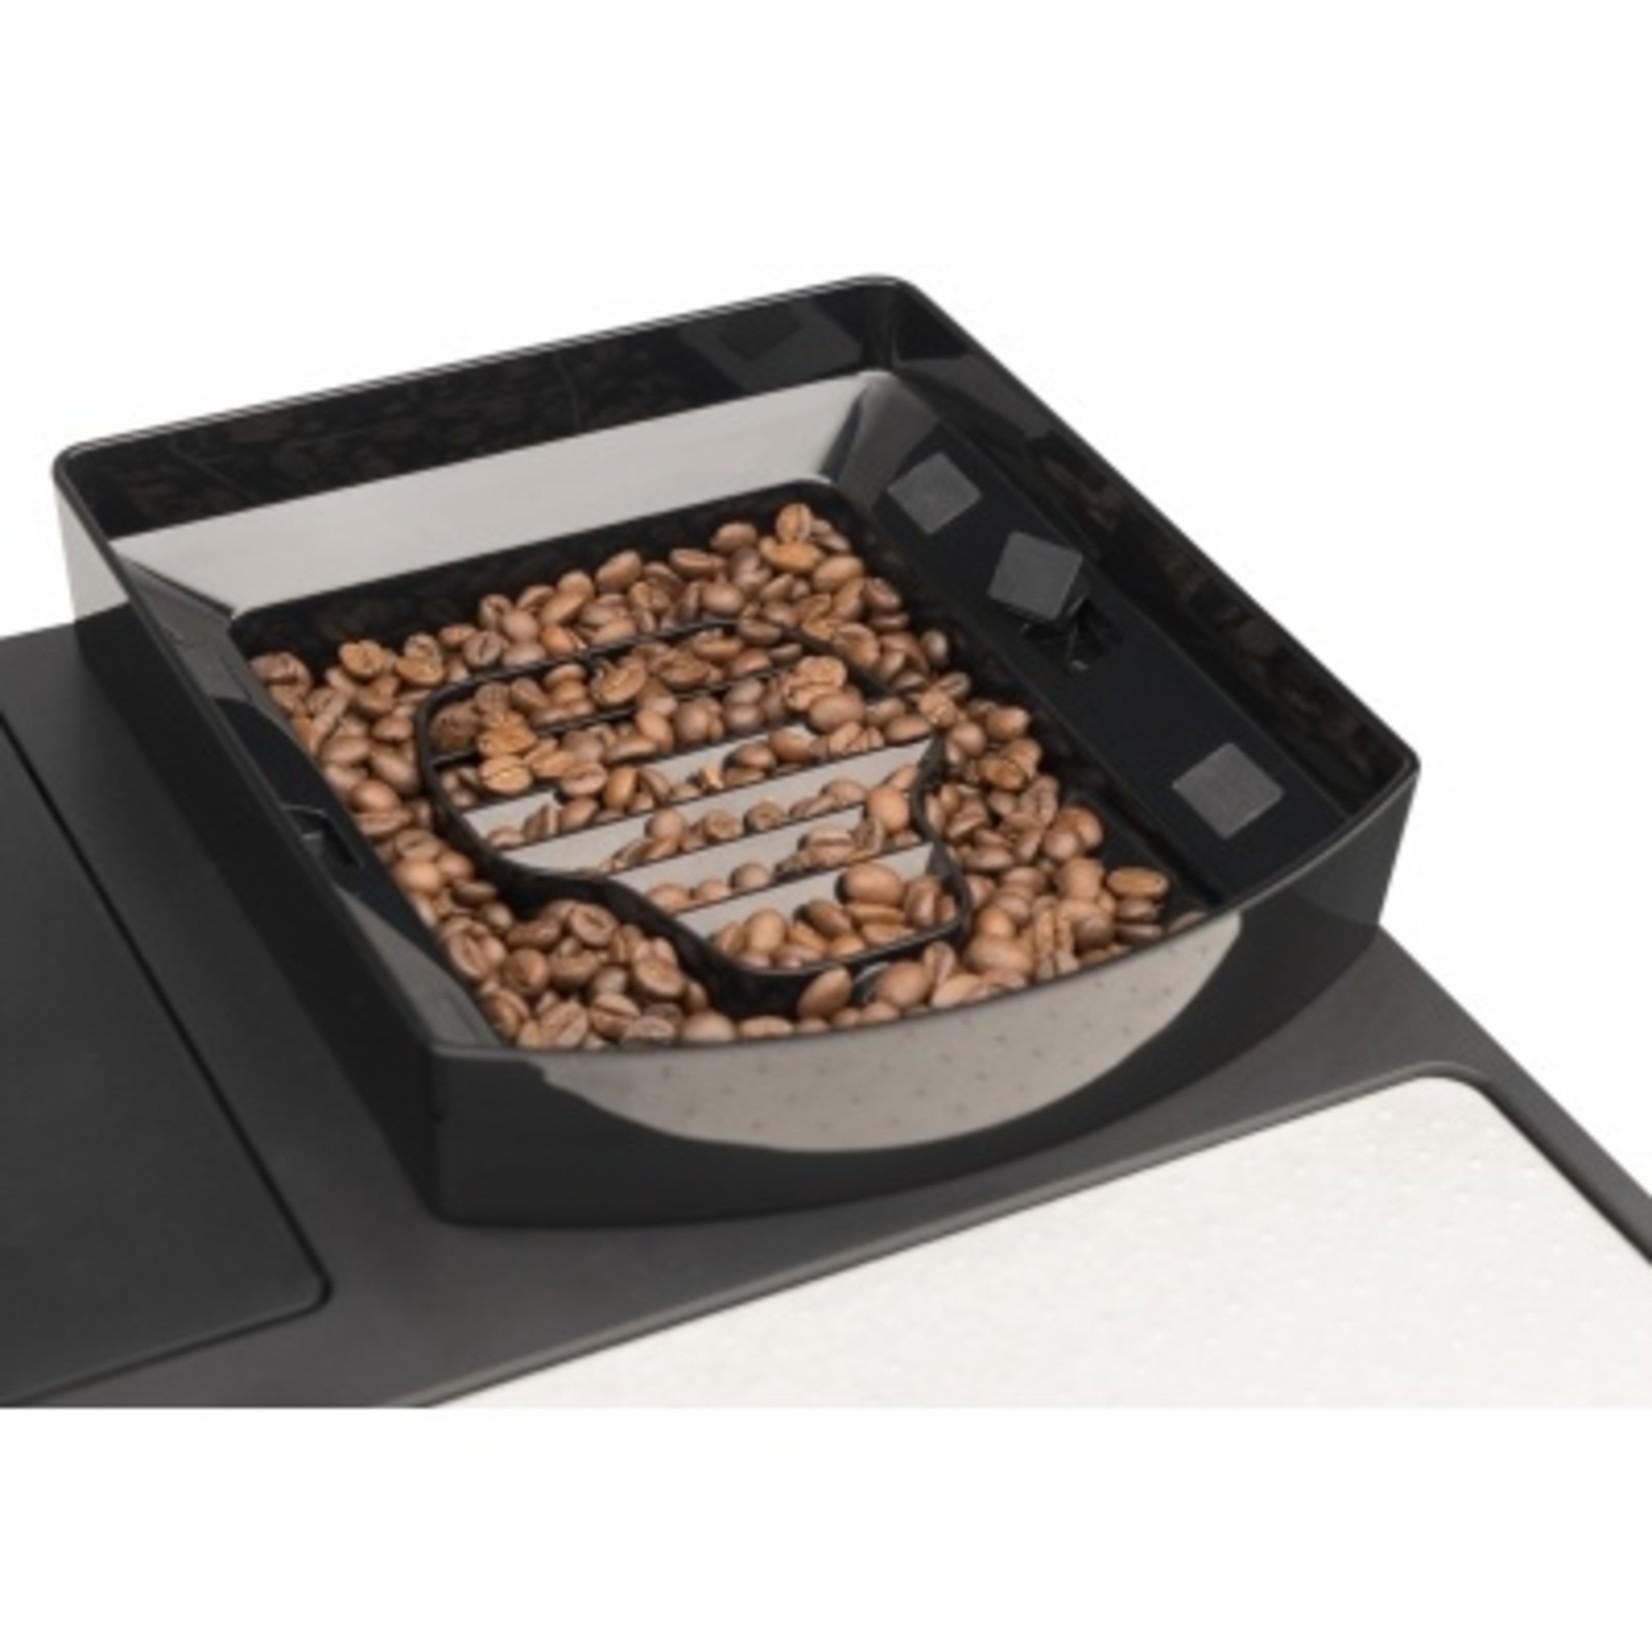 Nivona Nivona Espressomachine NICR1040